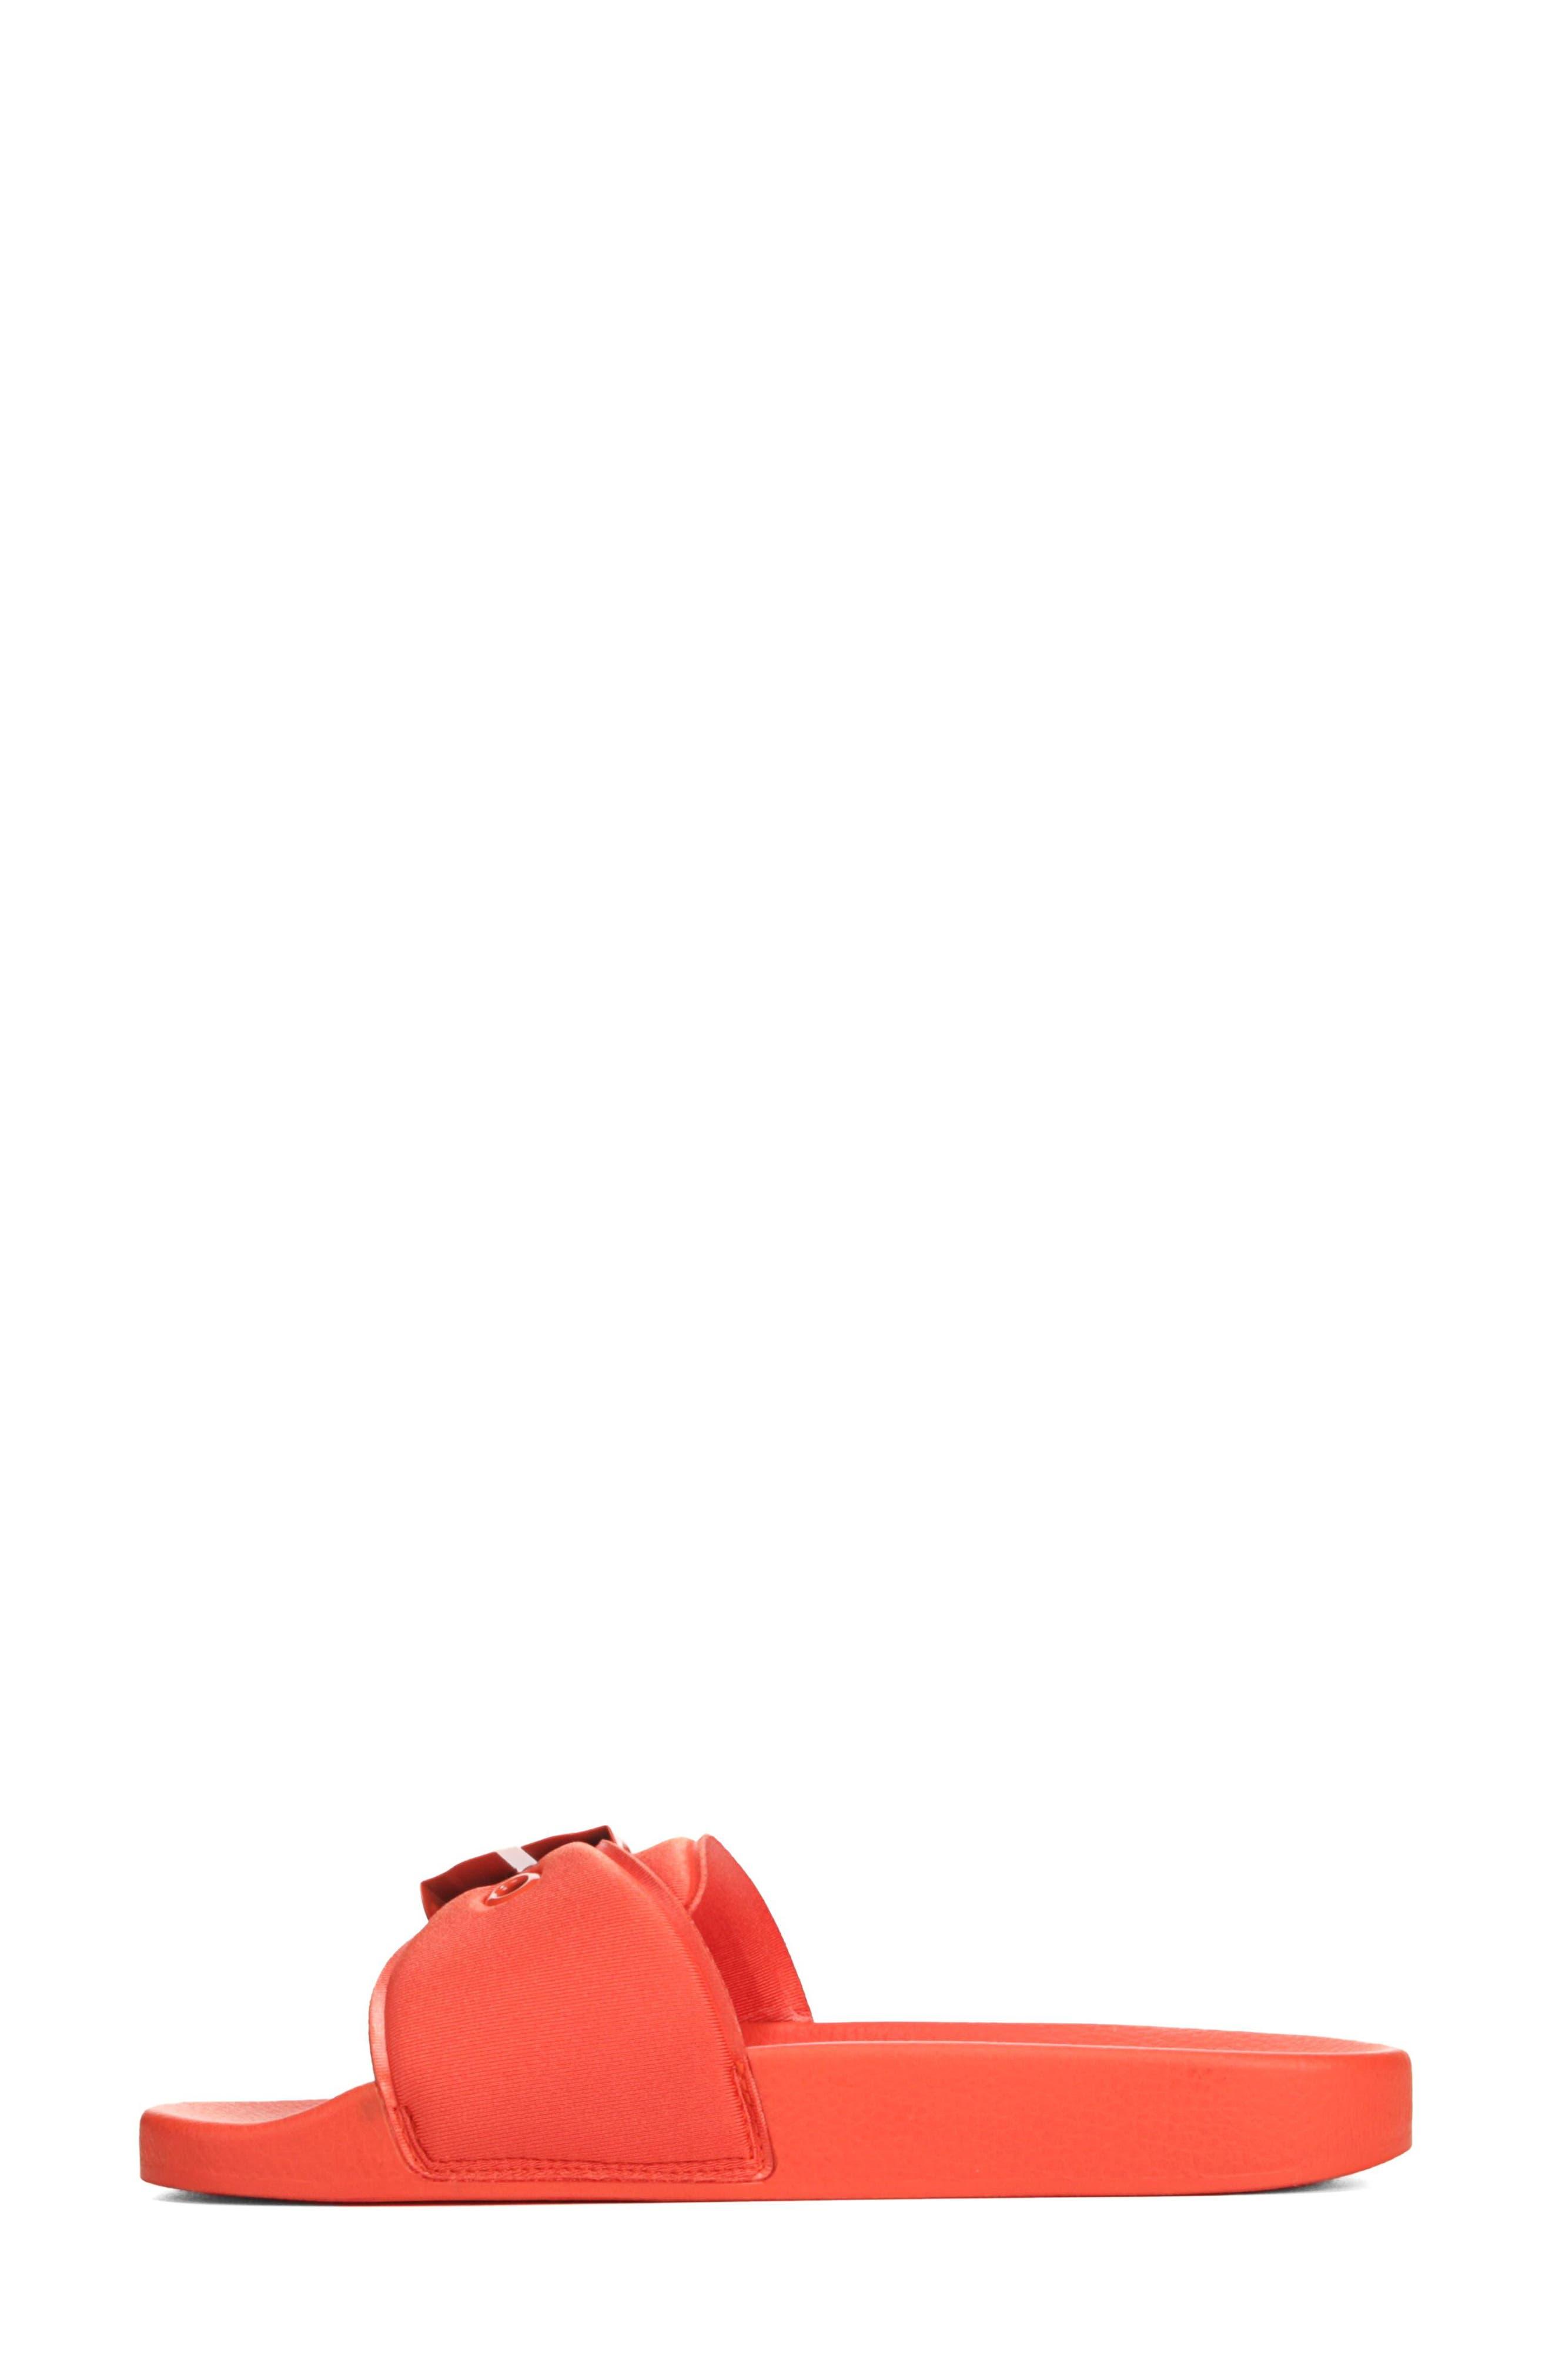 DR. SCHOLL'S, Original Pool Slide Sandal, Alternate thumbnail 3, color, TIGER LILY